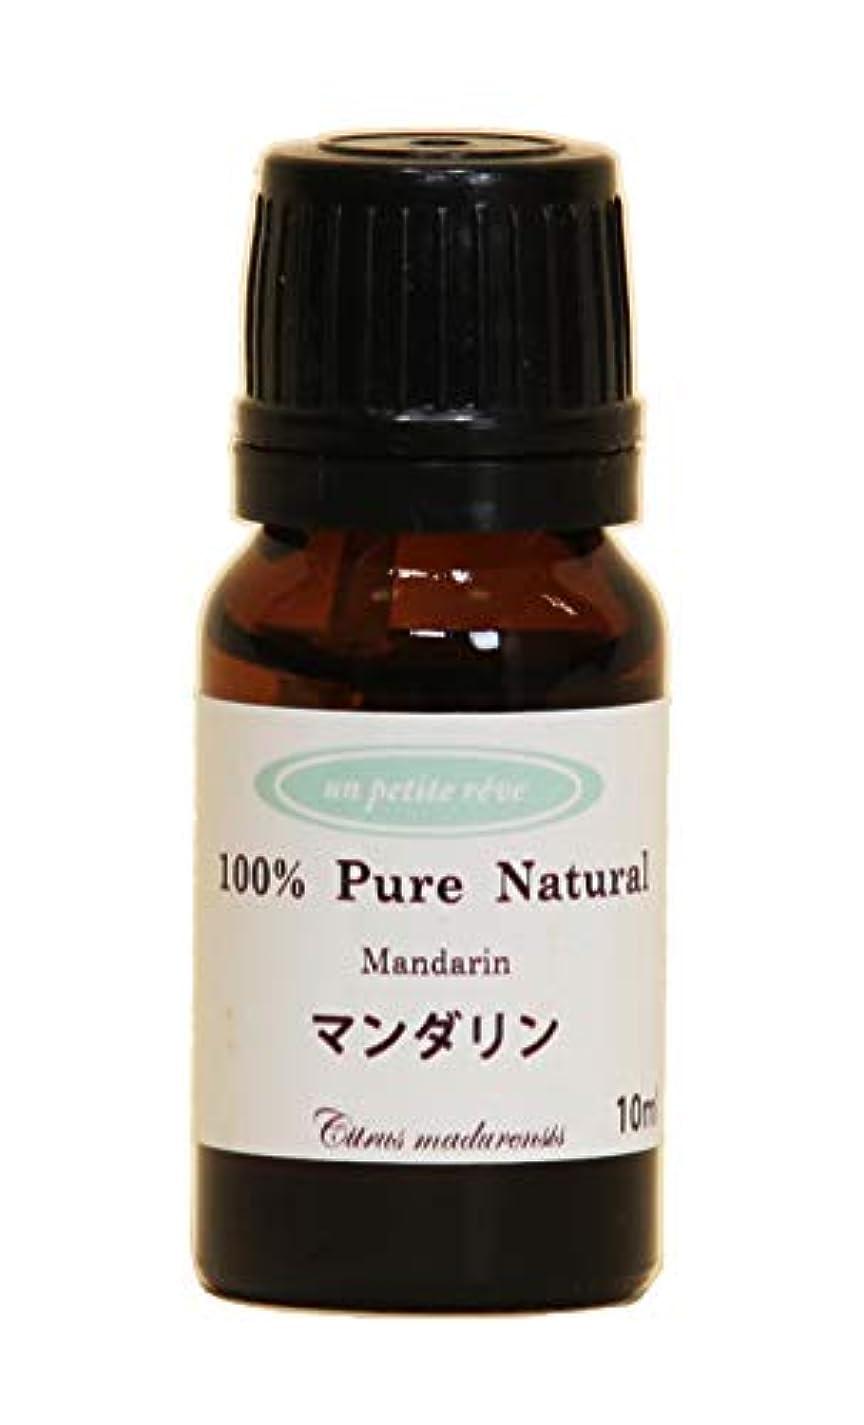 血まみれ技術者落とし穴マンダリン 10ml 100%天然アロマエッセンシャルオイル(精油)